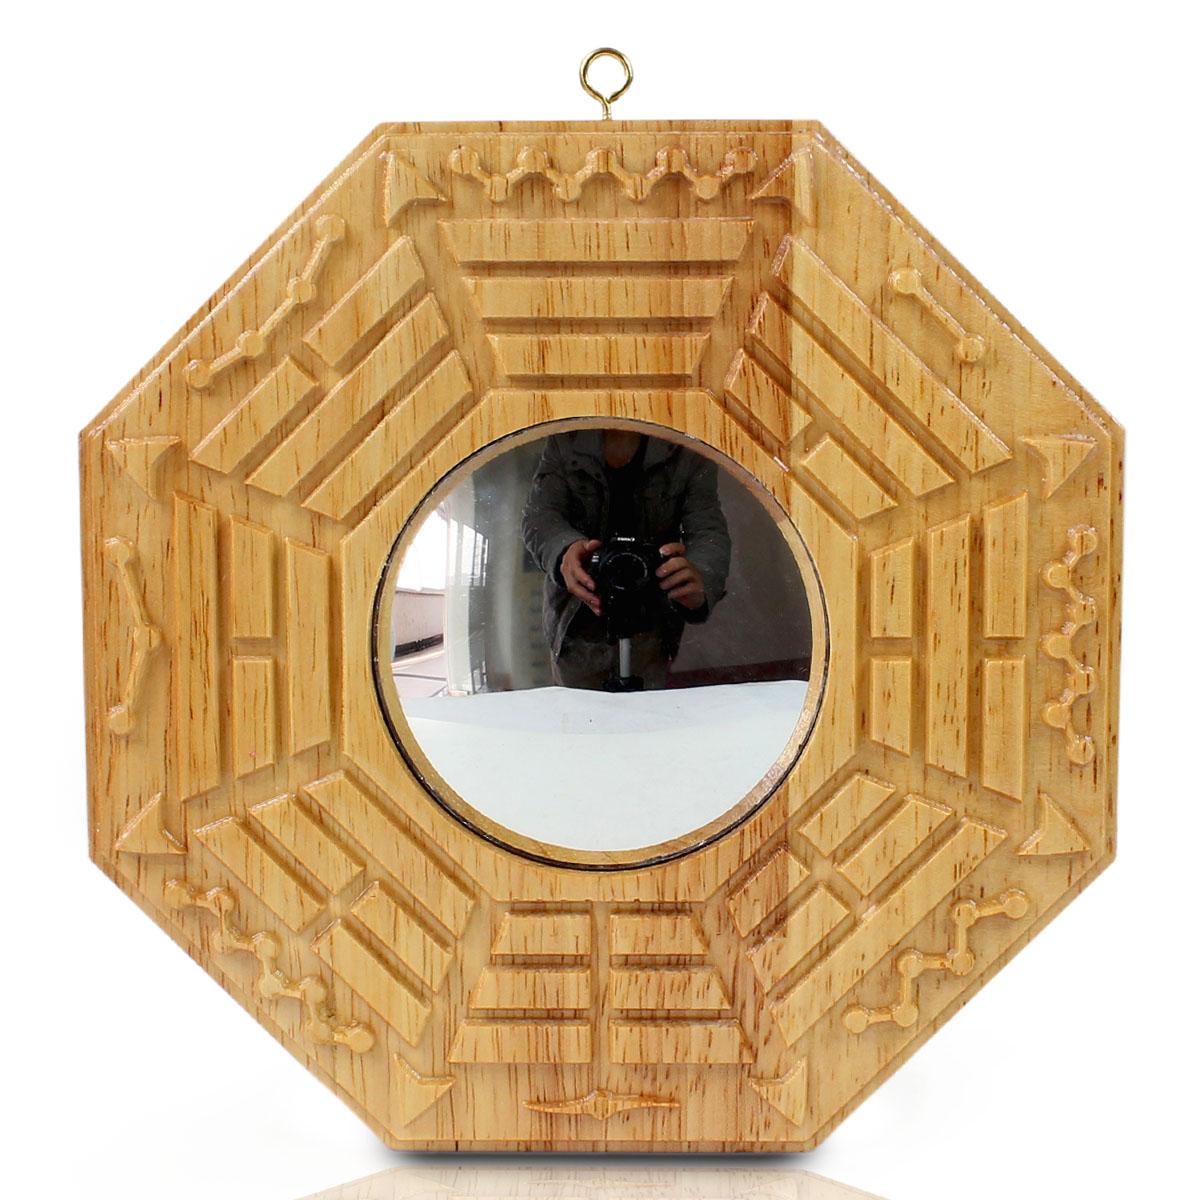 慈緣正堂八卦鏡凸面鏡桃木八卦鏡凸鏡掛件家居裝飾品門廳門口擺件